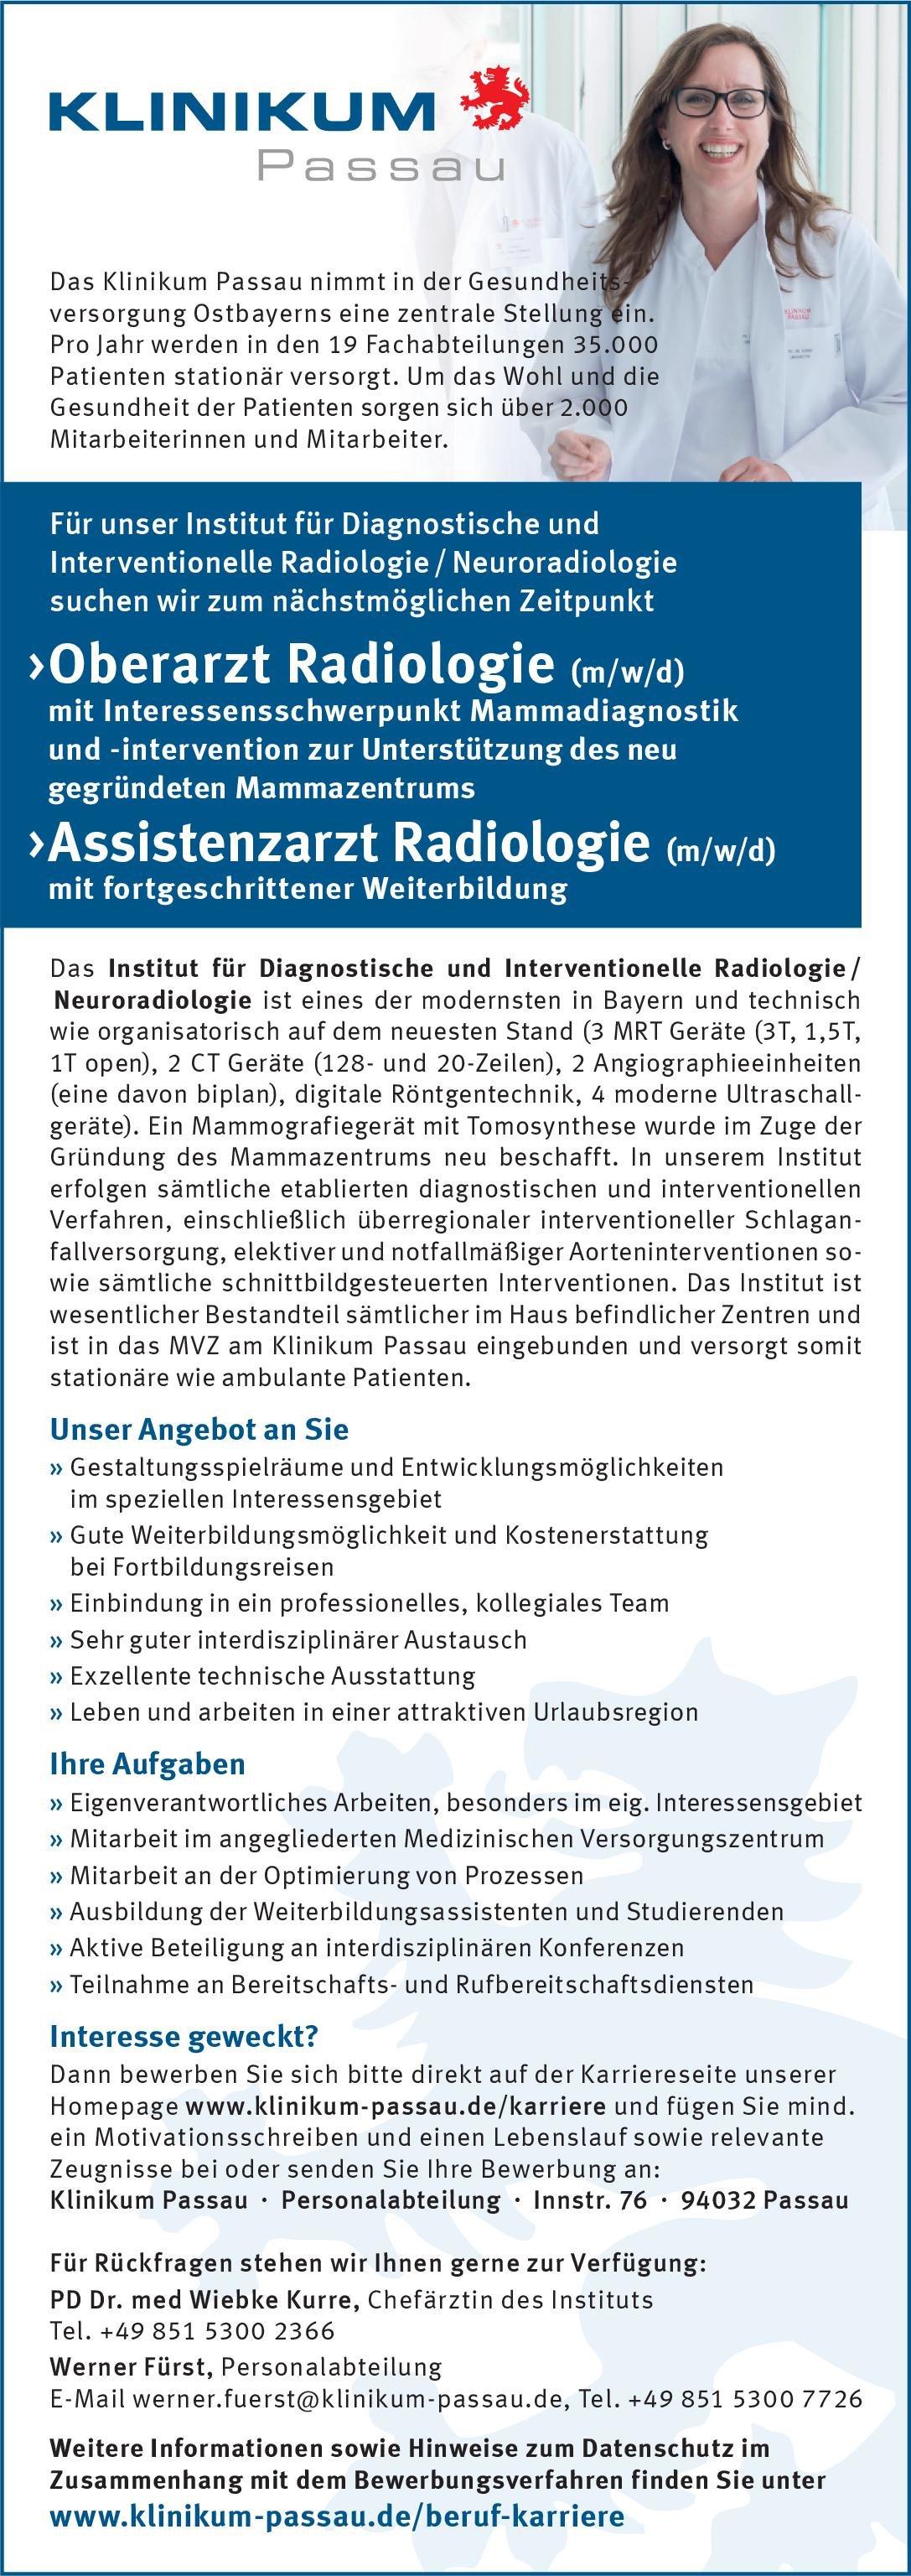 Klinikum Passau Oberarzt Radiologie (m/w/d)  Radiologie, Radiologie Oberarzt